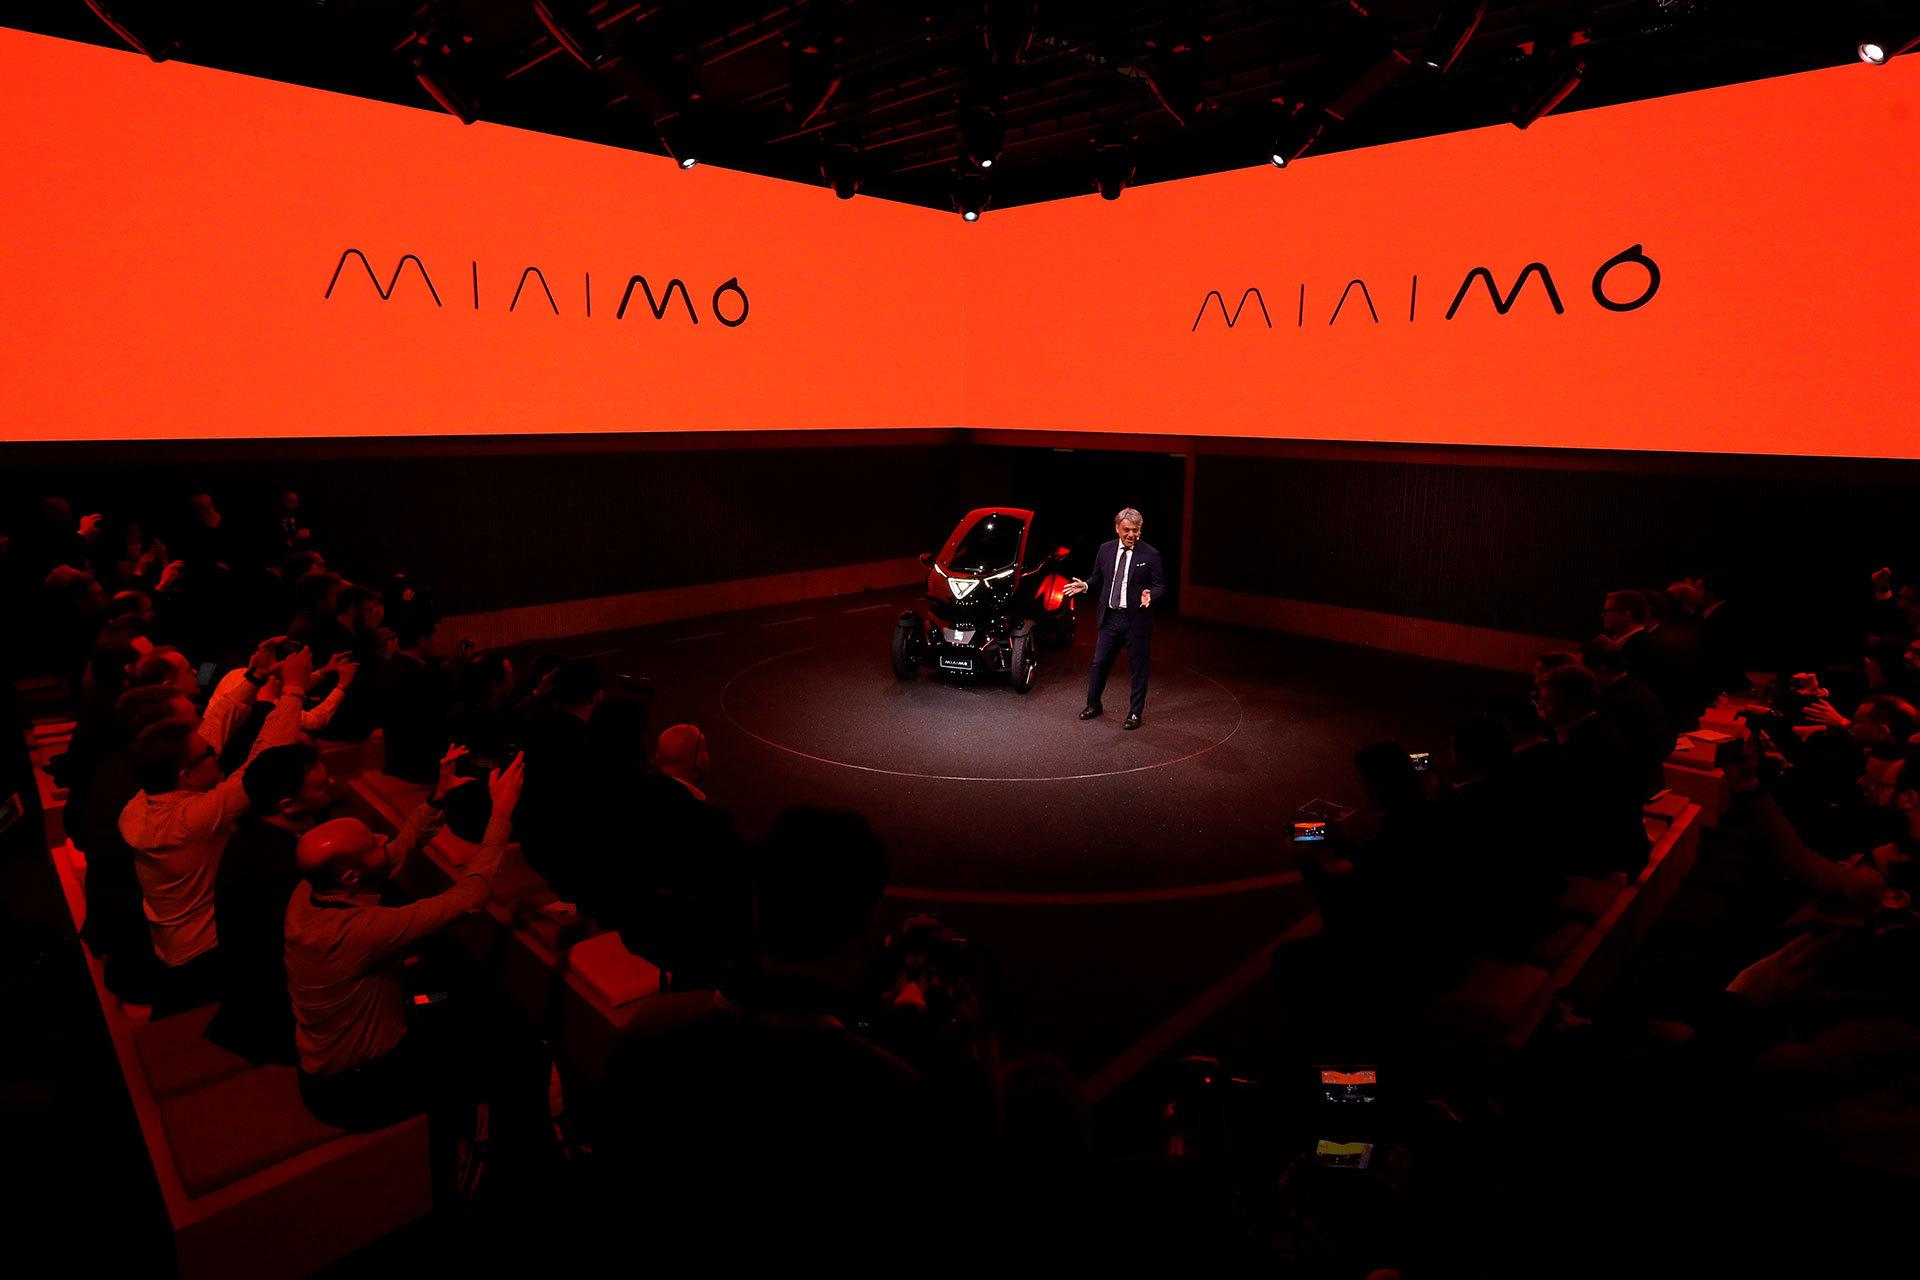 Seat Minimo Mwc 2019